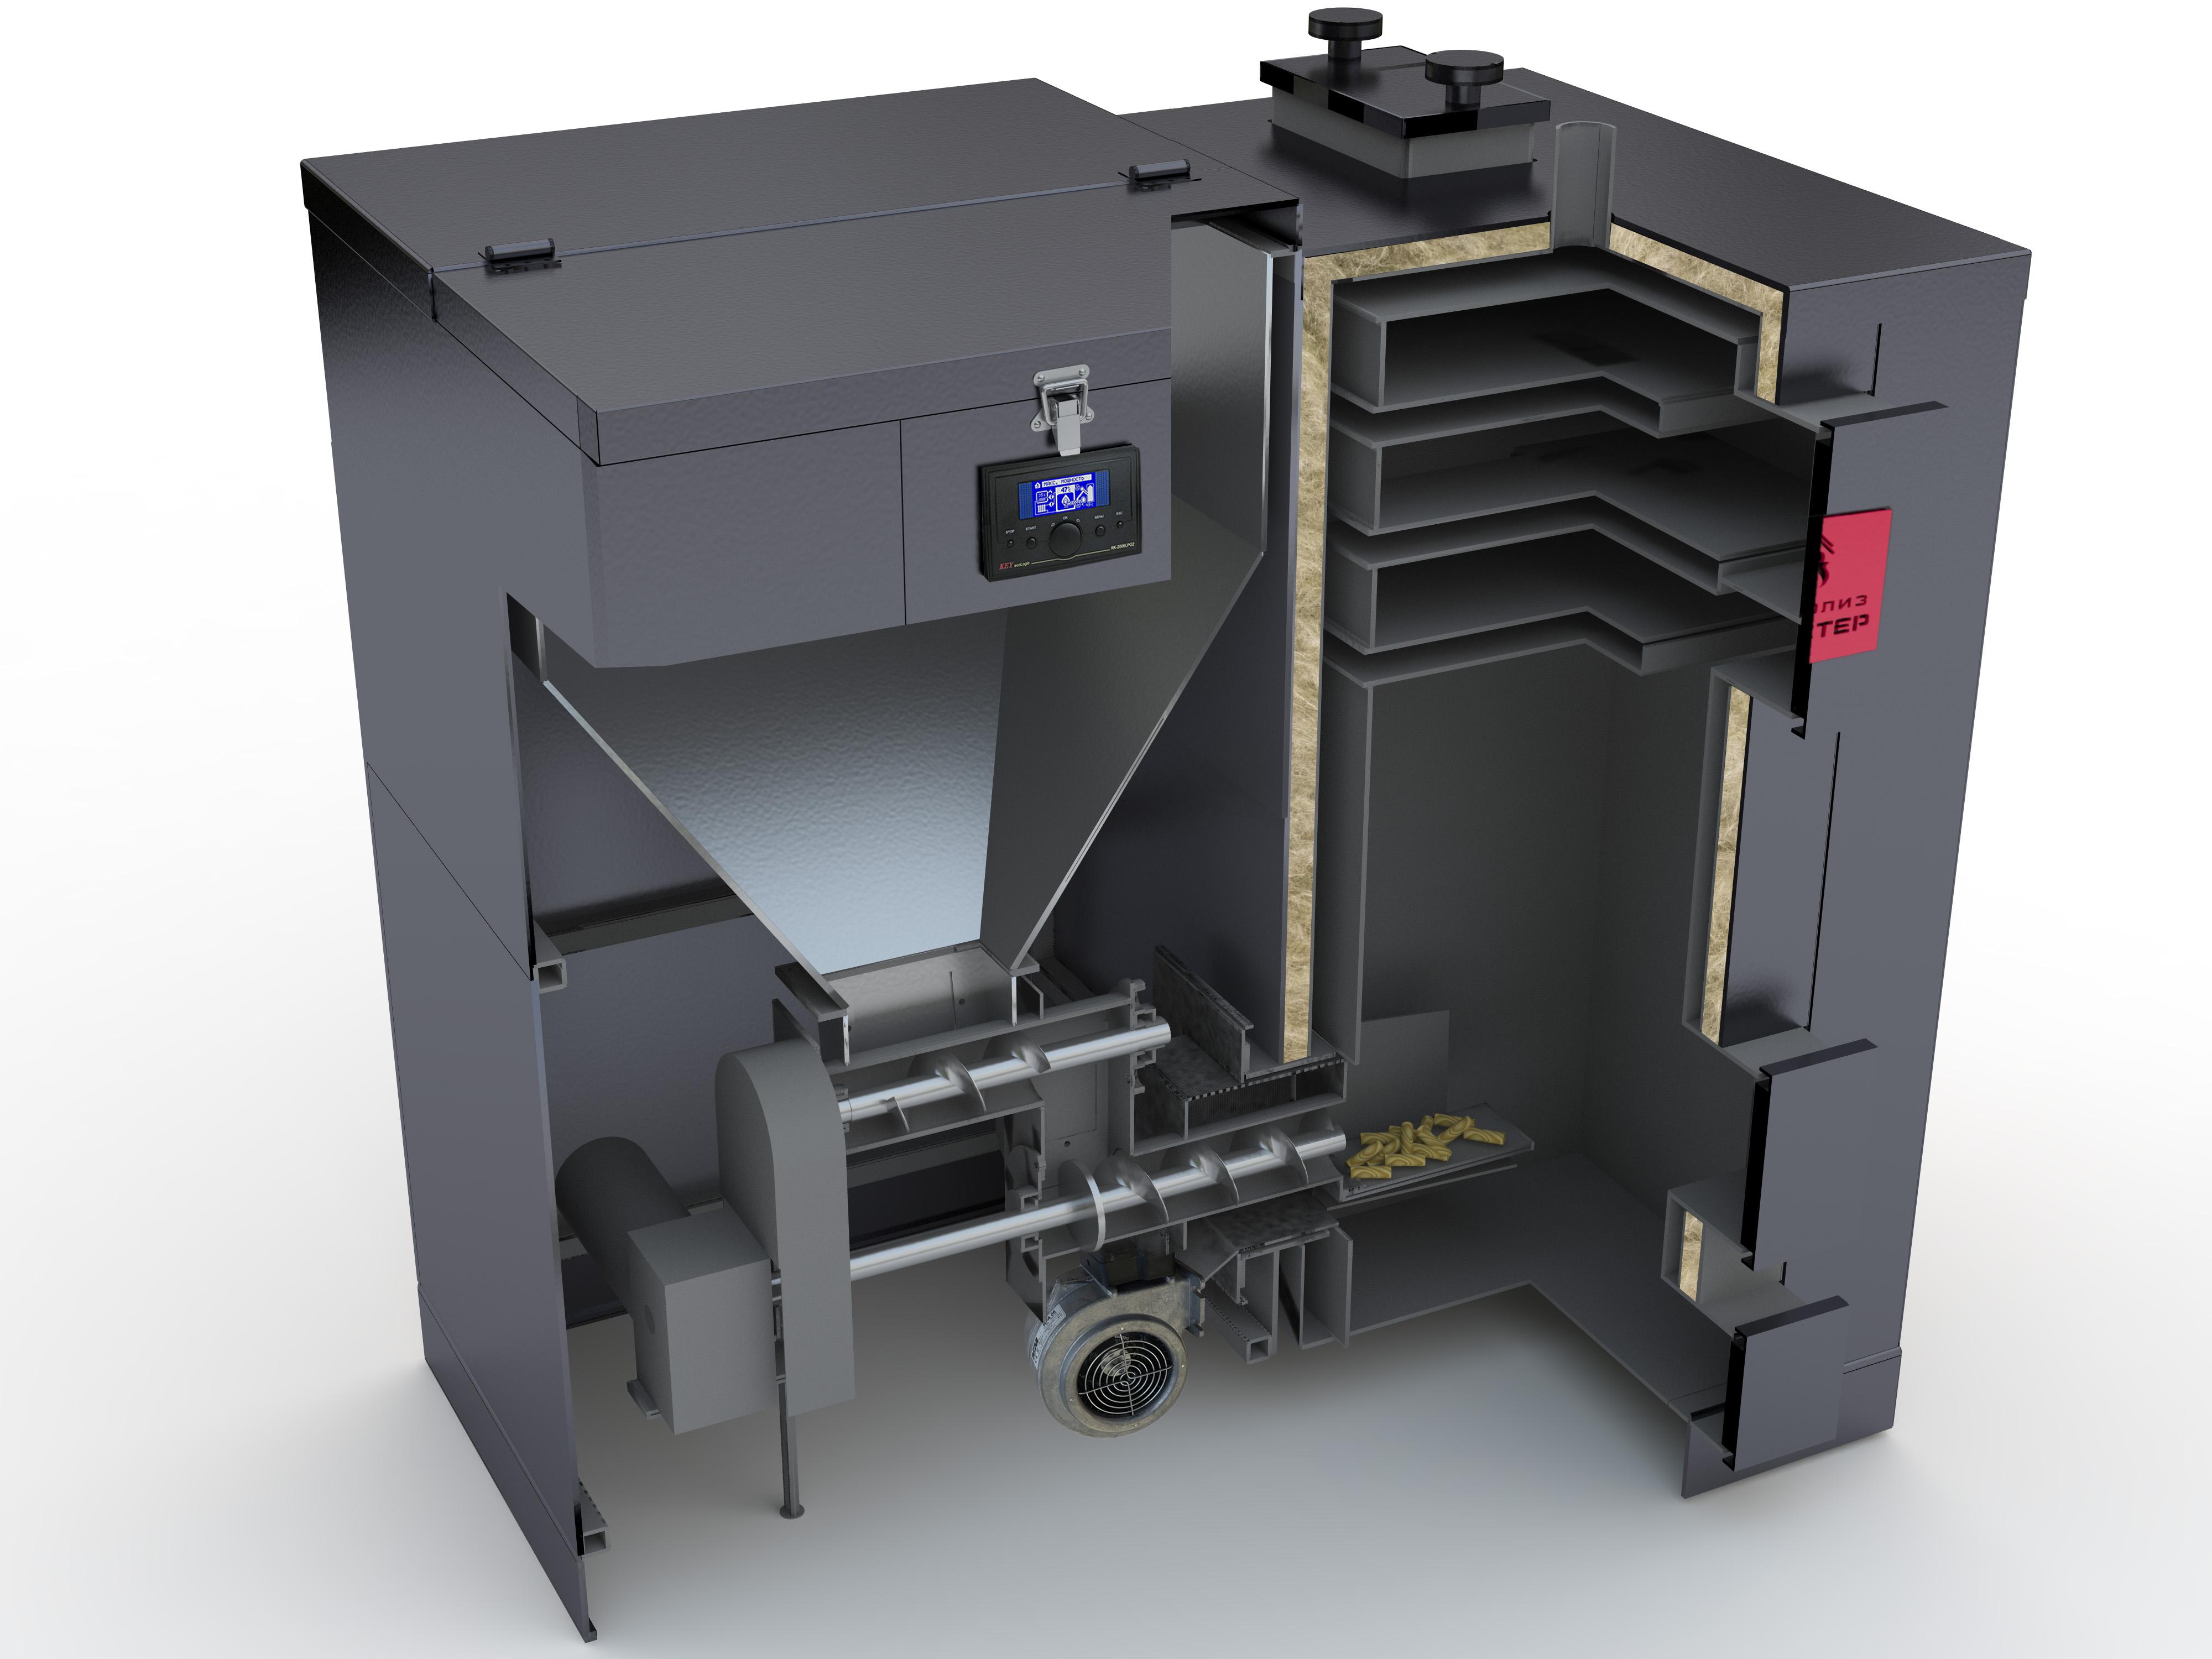 Автоматический пеллетный котёл: типы топлива, расход, производитель, как выбрать?